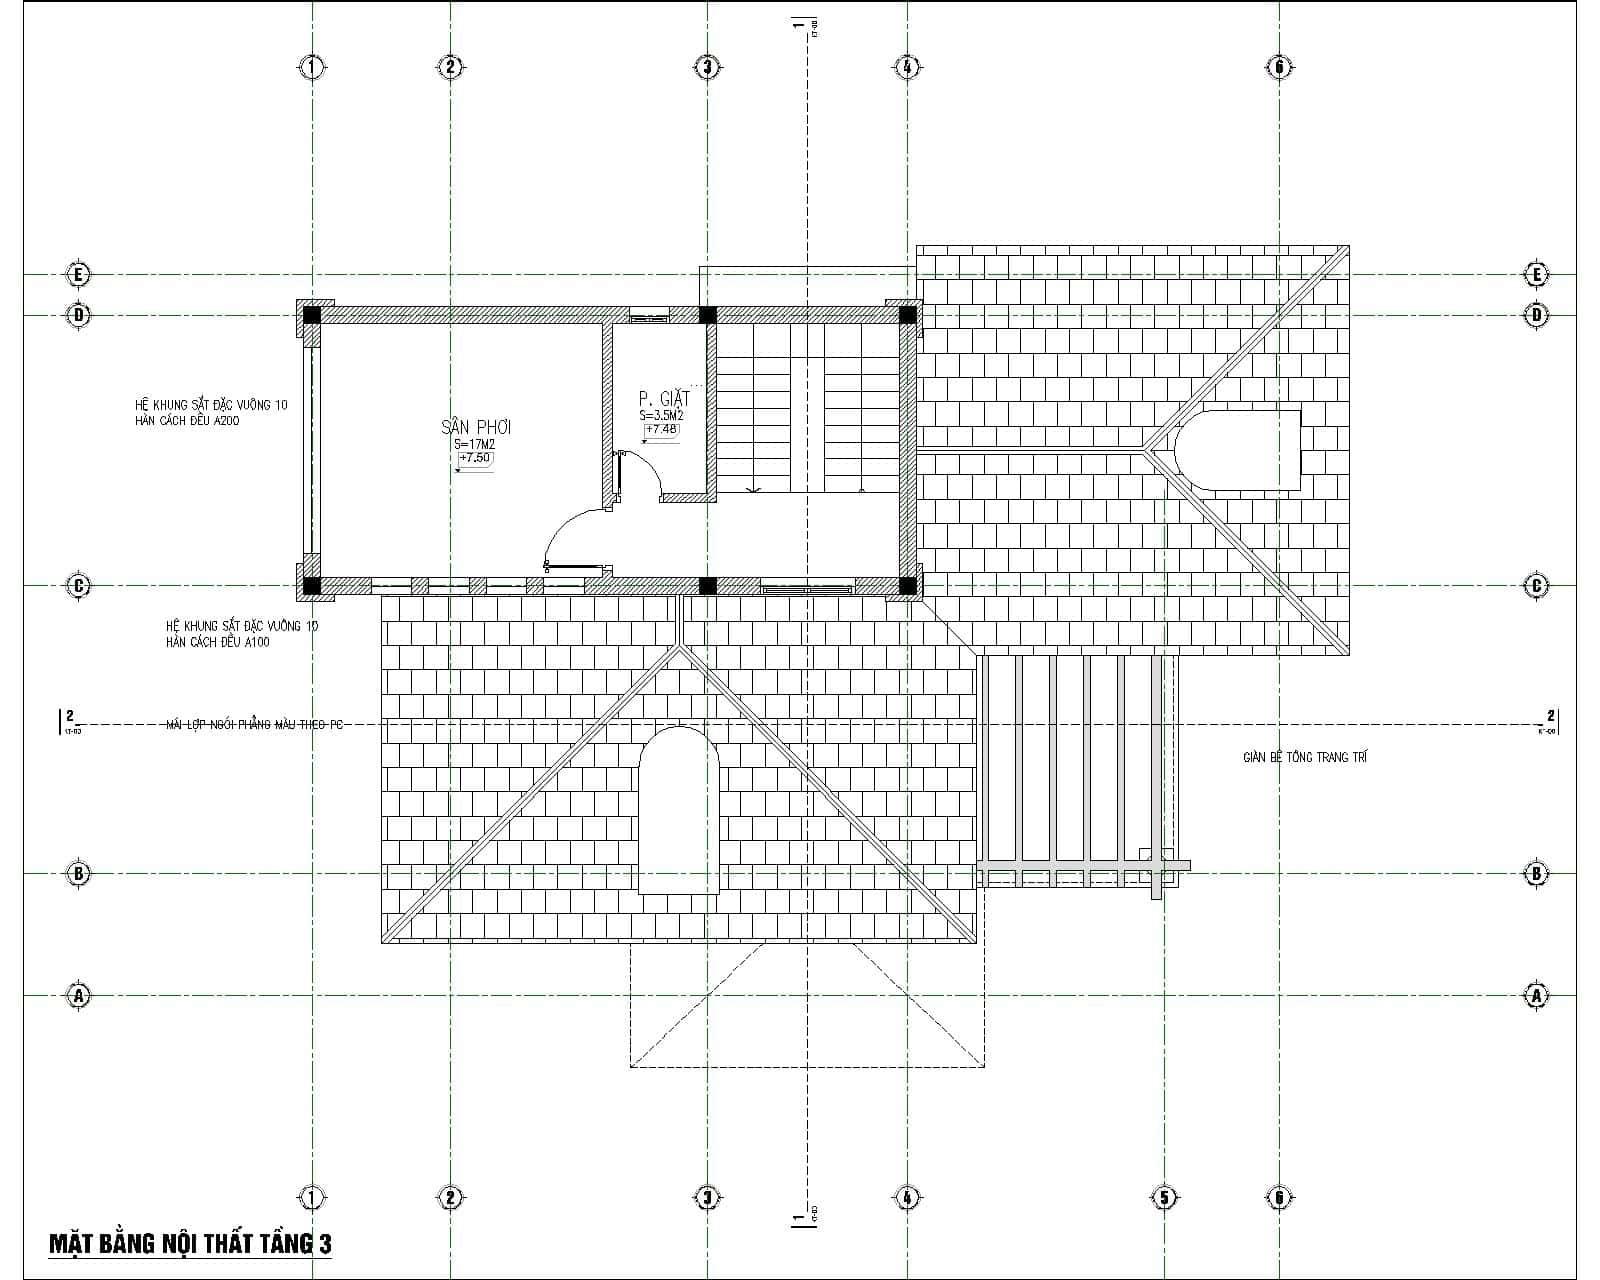 biet thu 3 tang tan co dien dep 7 - Chiêm ngưỡng mẫu thiết kế biệt thự 3 tầng mái thái tuyệt đẹp